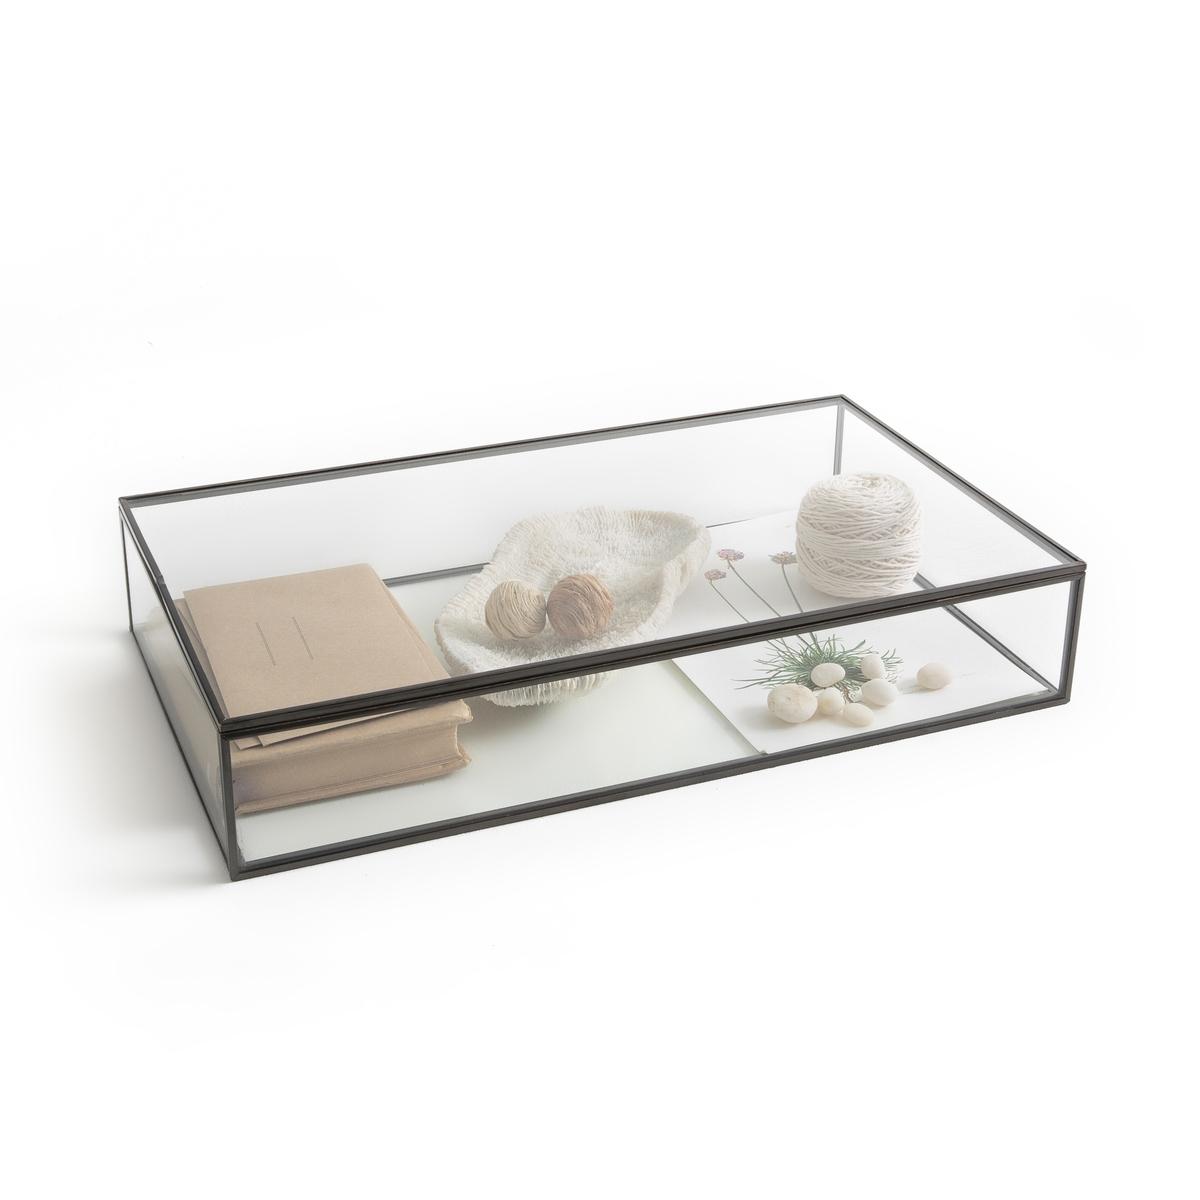 Коробка-витрина Ш.50xВ.9xГ.29 см, DigoriКоробка Digori. Коробка для хранения и демонстрации украшений, драгоценностей и других ценных предметов.Описание  :- Из стекла и металла с отделкой под латунь или оружейную сталь с эффектом старения.- Очень качественная отделка :- Ш.50 x В.9 x Г.29 см- Толщина стекла : 0,4 мм<br><br>Цвет: золотистый,темно-серый металл